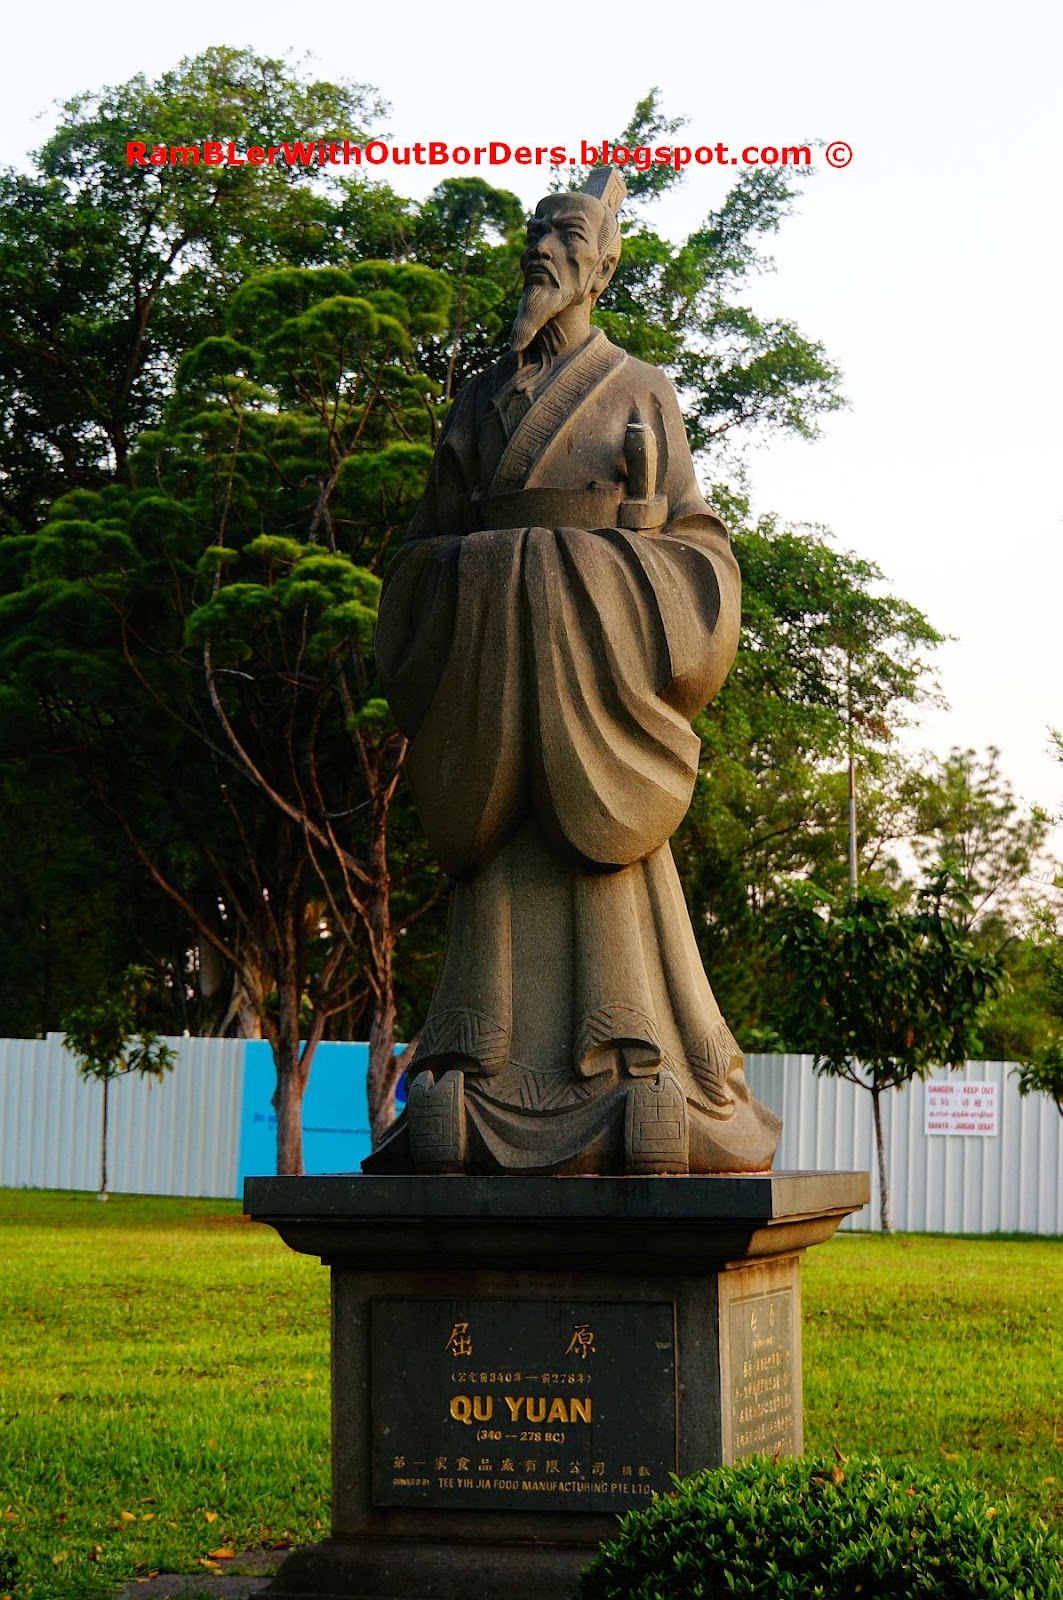 Qu Yuan statue, Chinese Garden, Singapore